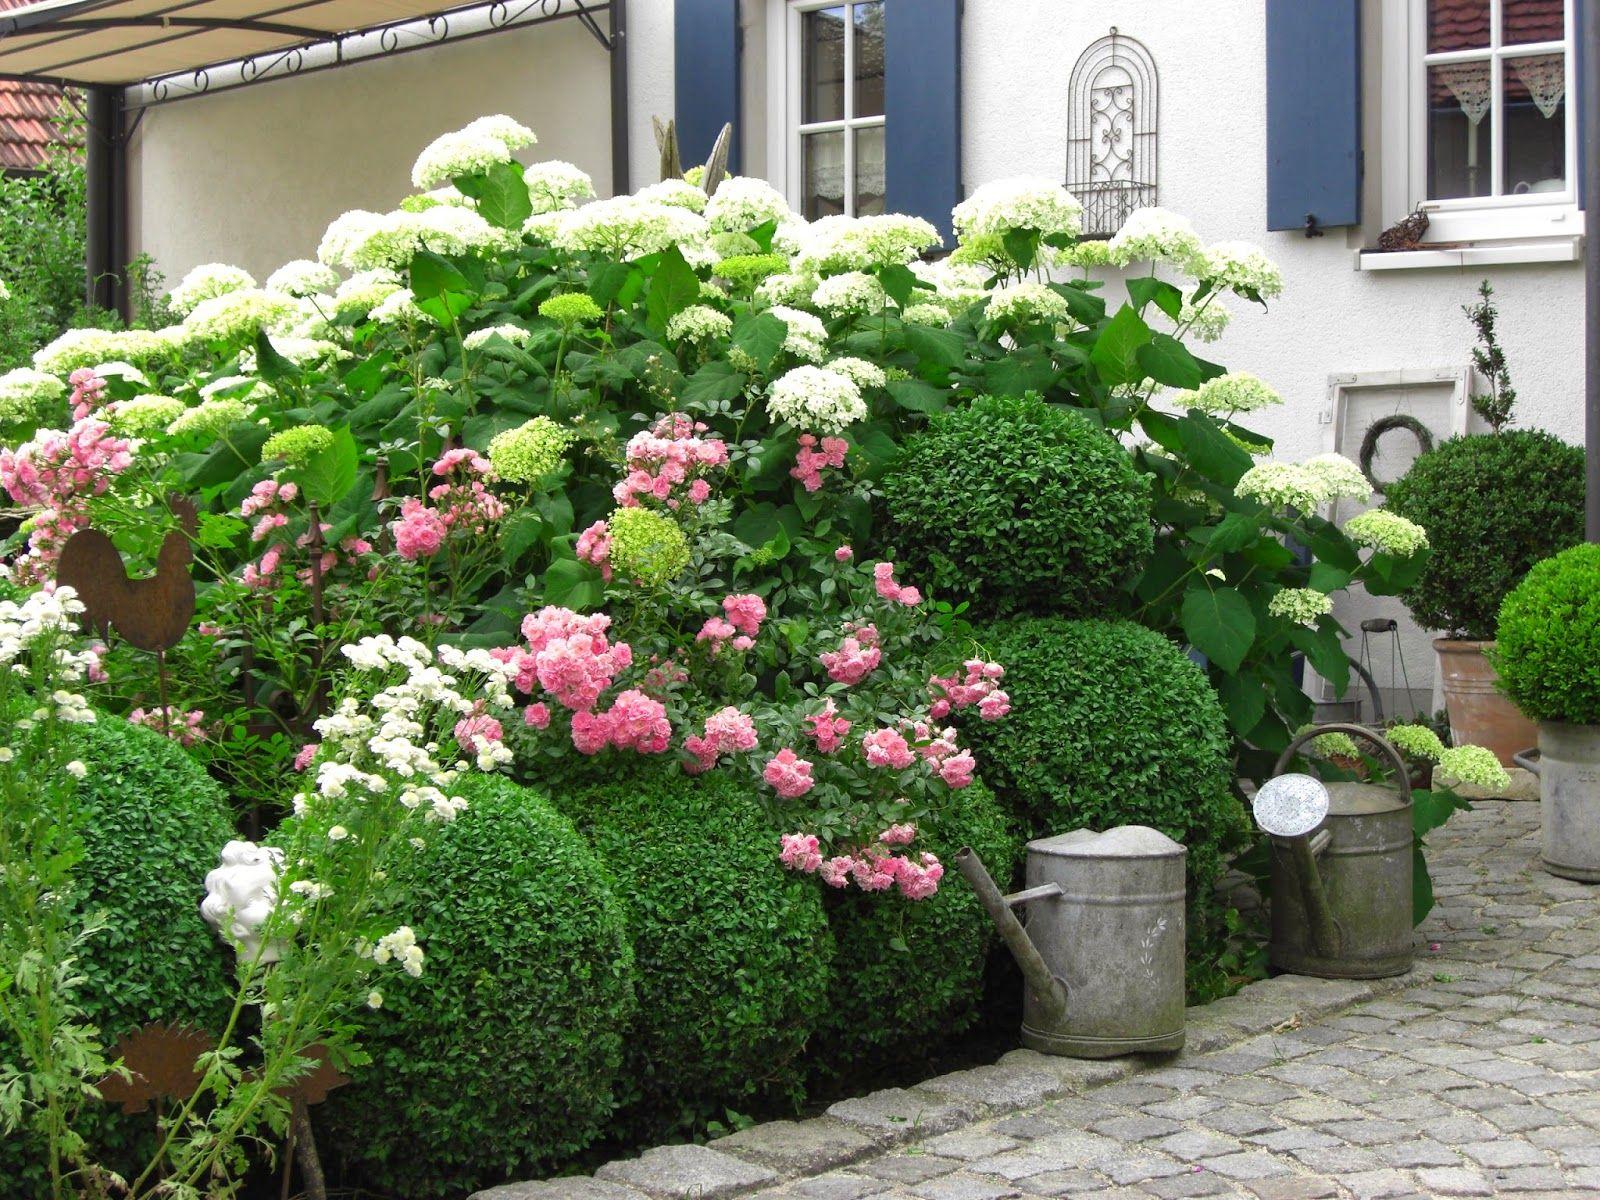 landliebe cottage garden garten fun stuff amenagement jardin terrasse jardin und jardin vert. Black Bedroom Furniture Sets. Home Design Ideas